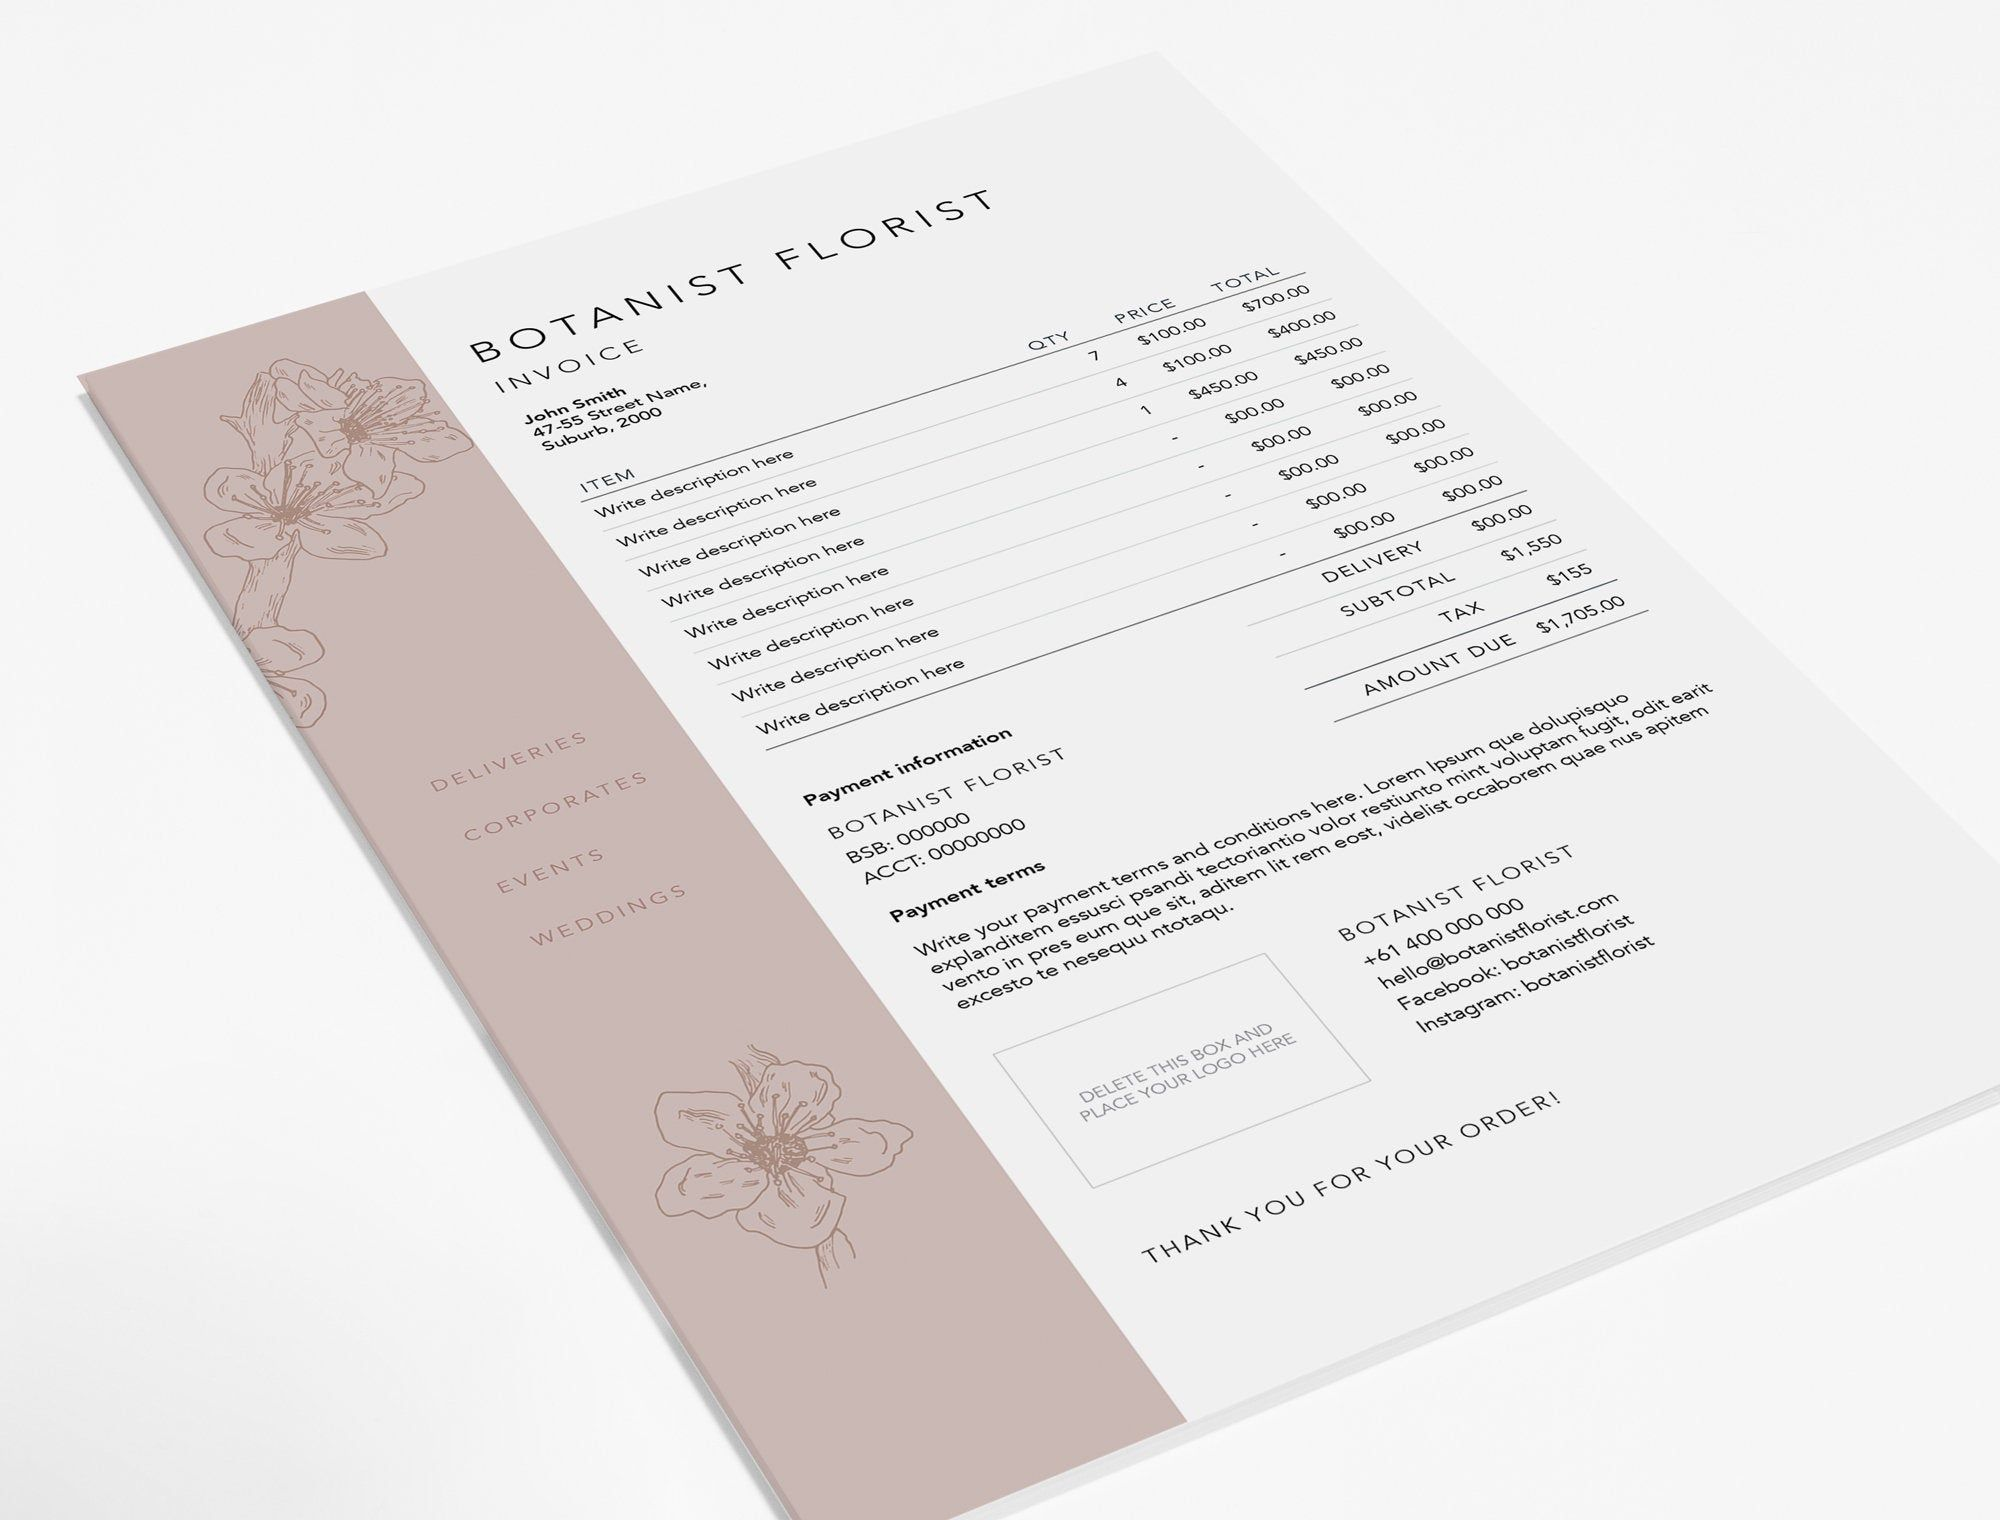 Florist Invoice Template Invoice Design Receipt Ms Word Invoice Template Photoshop Invoice Template Printable Invoice Invoice Design Invoice Template Photography Invoice Template